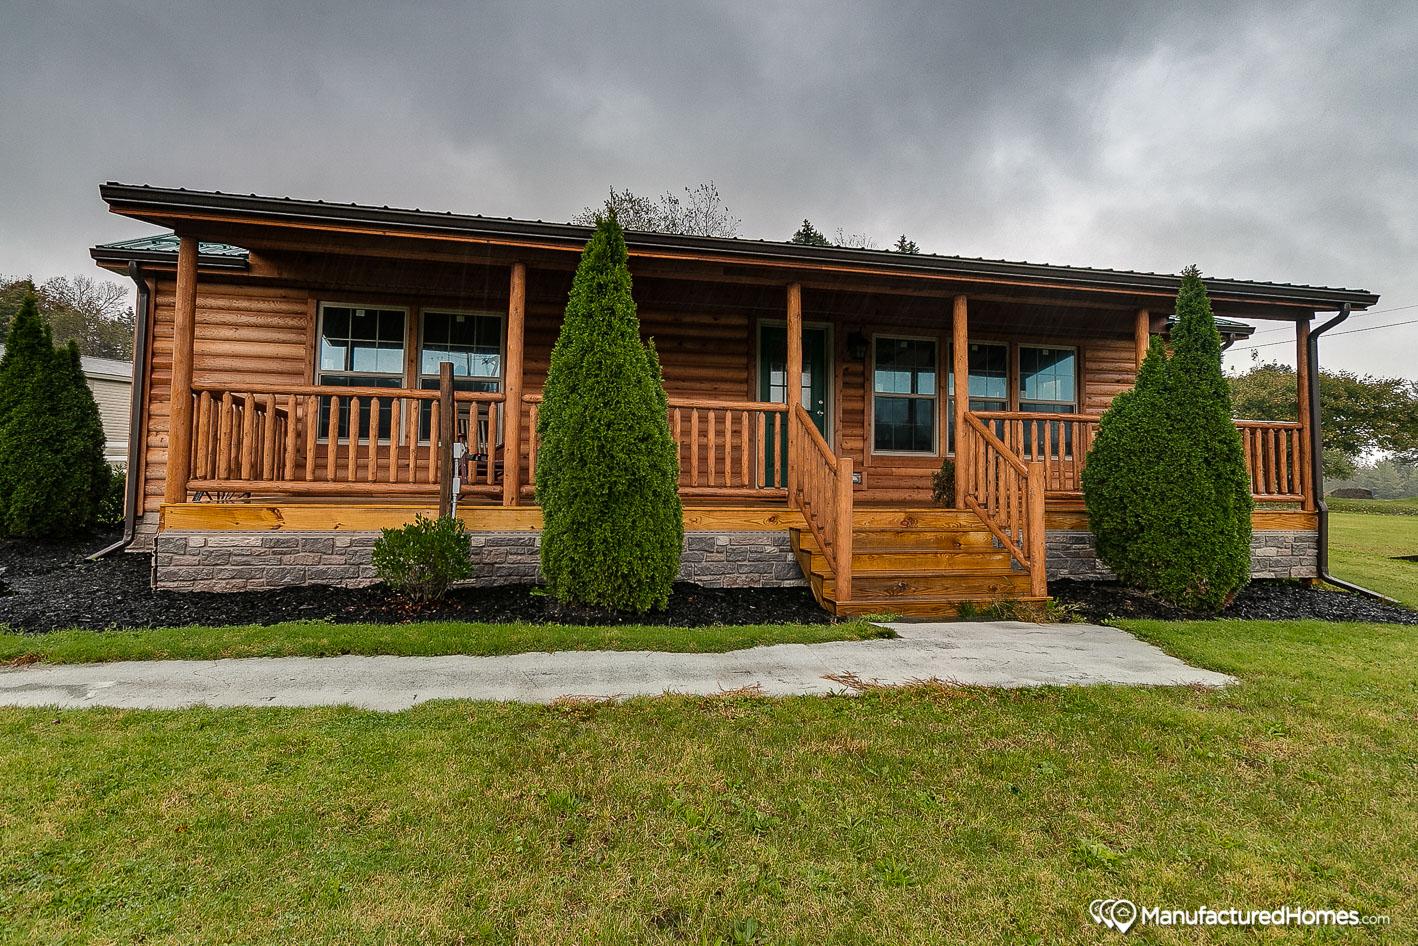 ashland homes in shippenville pa manufactured home dealer. Black Bedroom Furniture Sets. Home Design Ideas